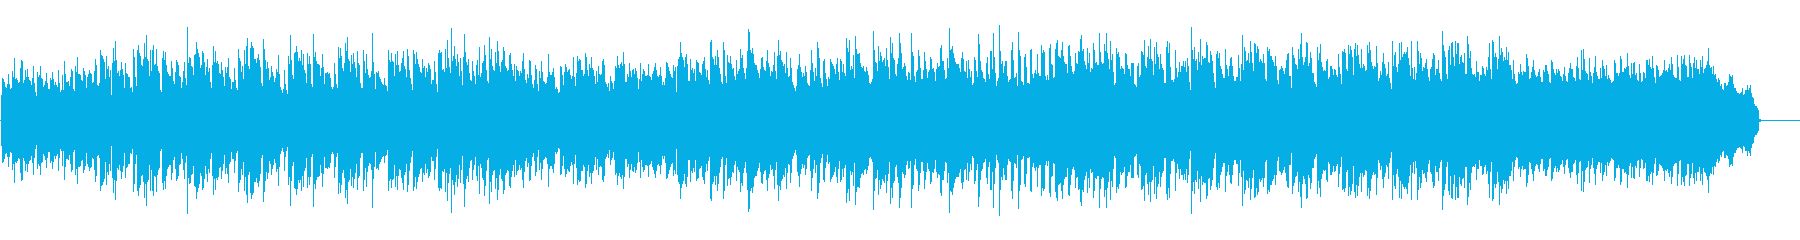 【ドラム抜】お気楽なカントリージャズの再生済みの波形